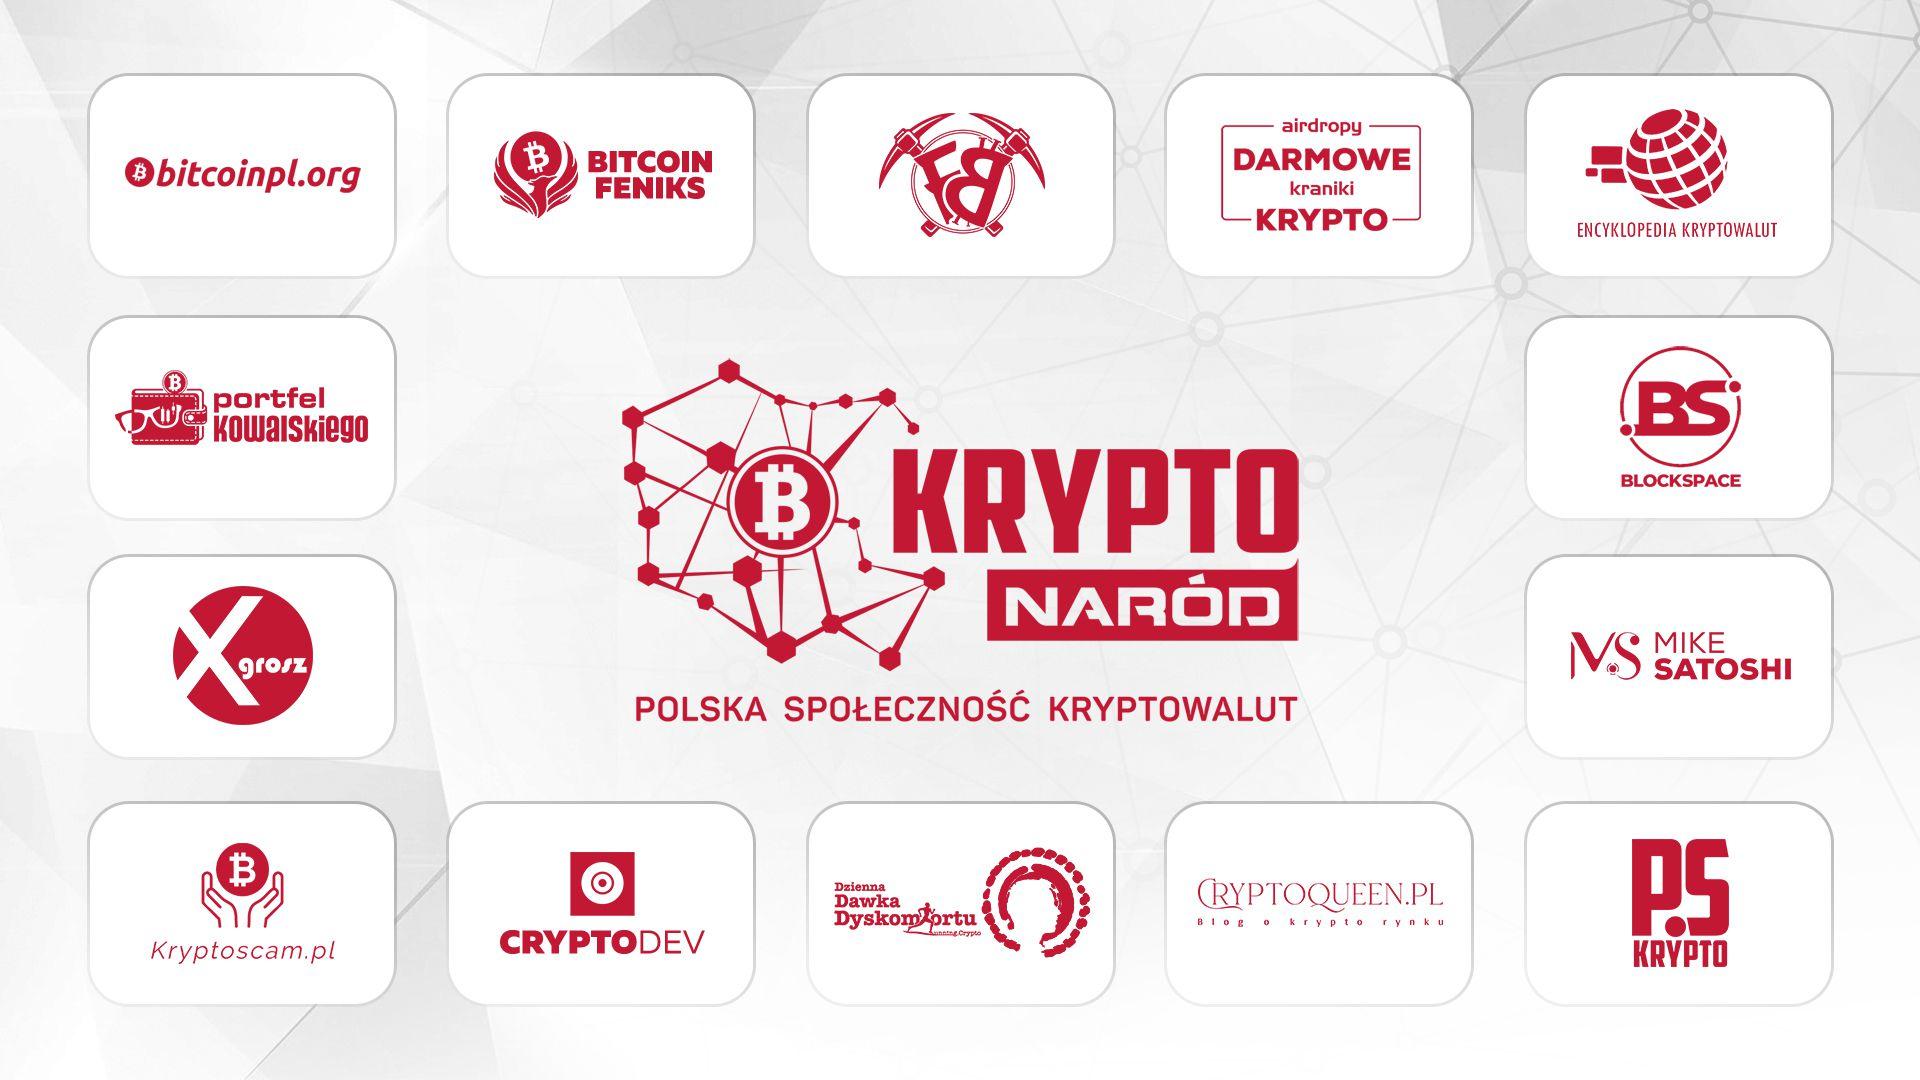 BeInCrypto Polska partnerem medialnym Krypto-Narodu